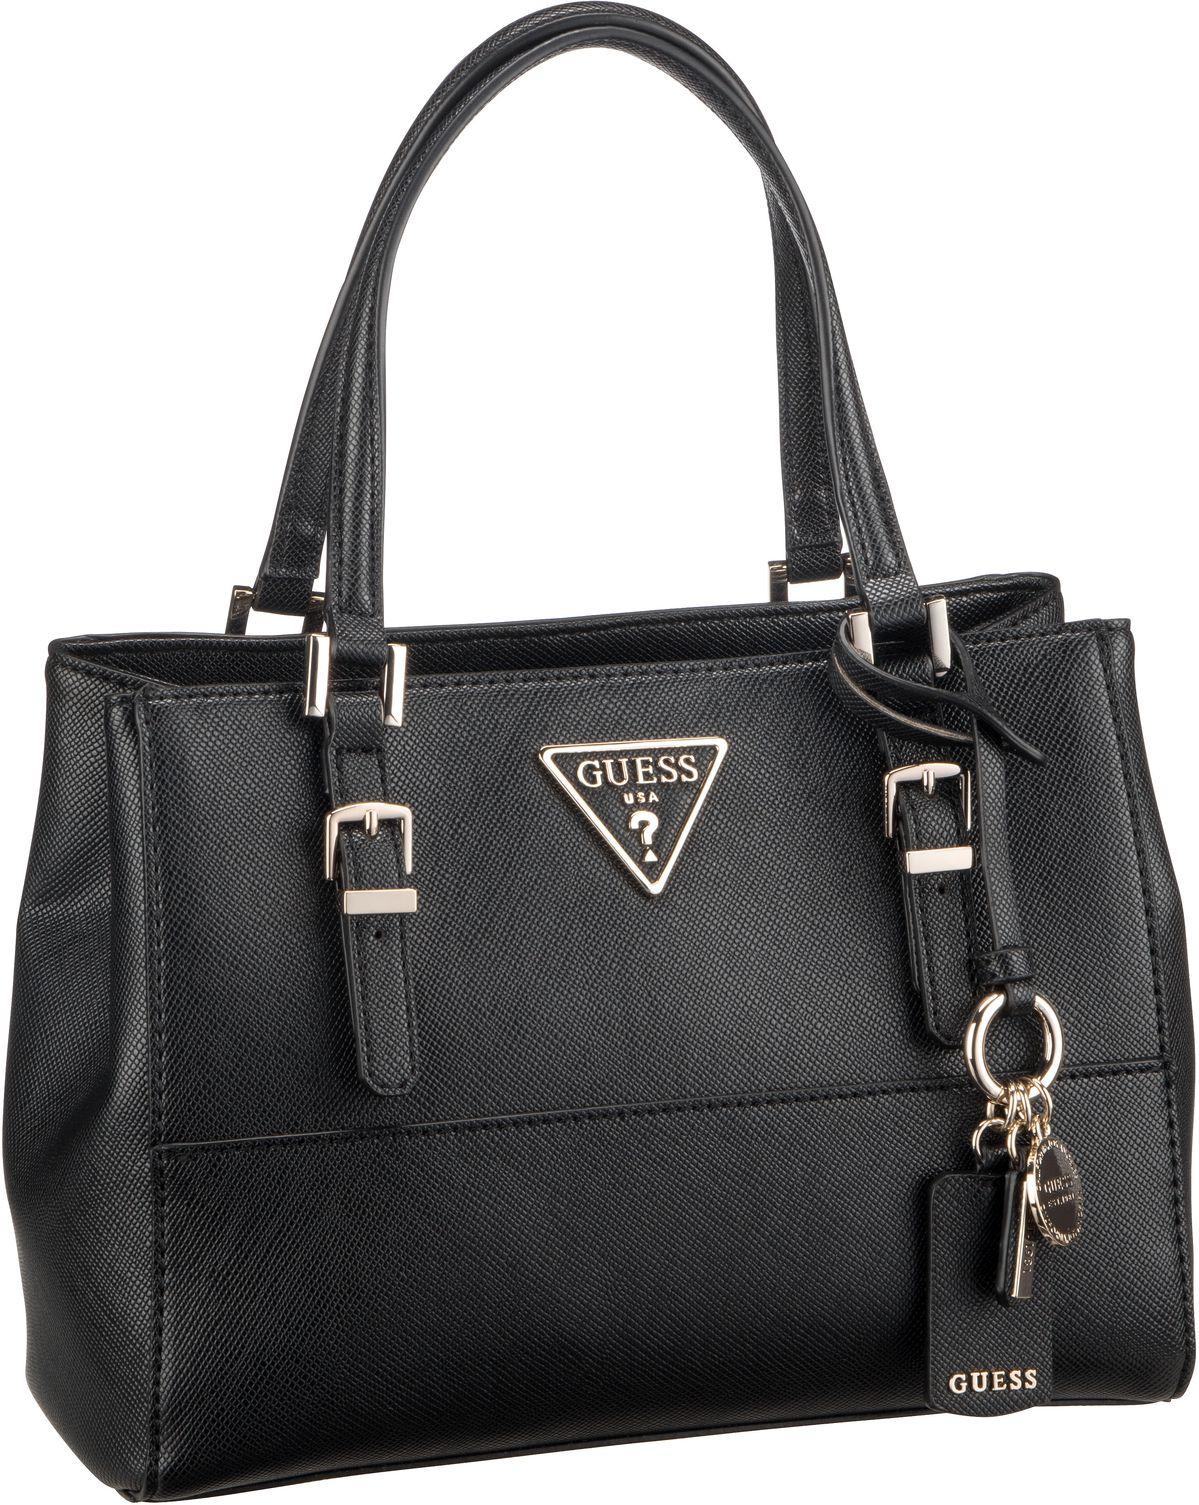 Handtasche Carys Satchel Black